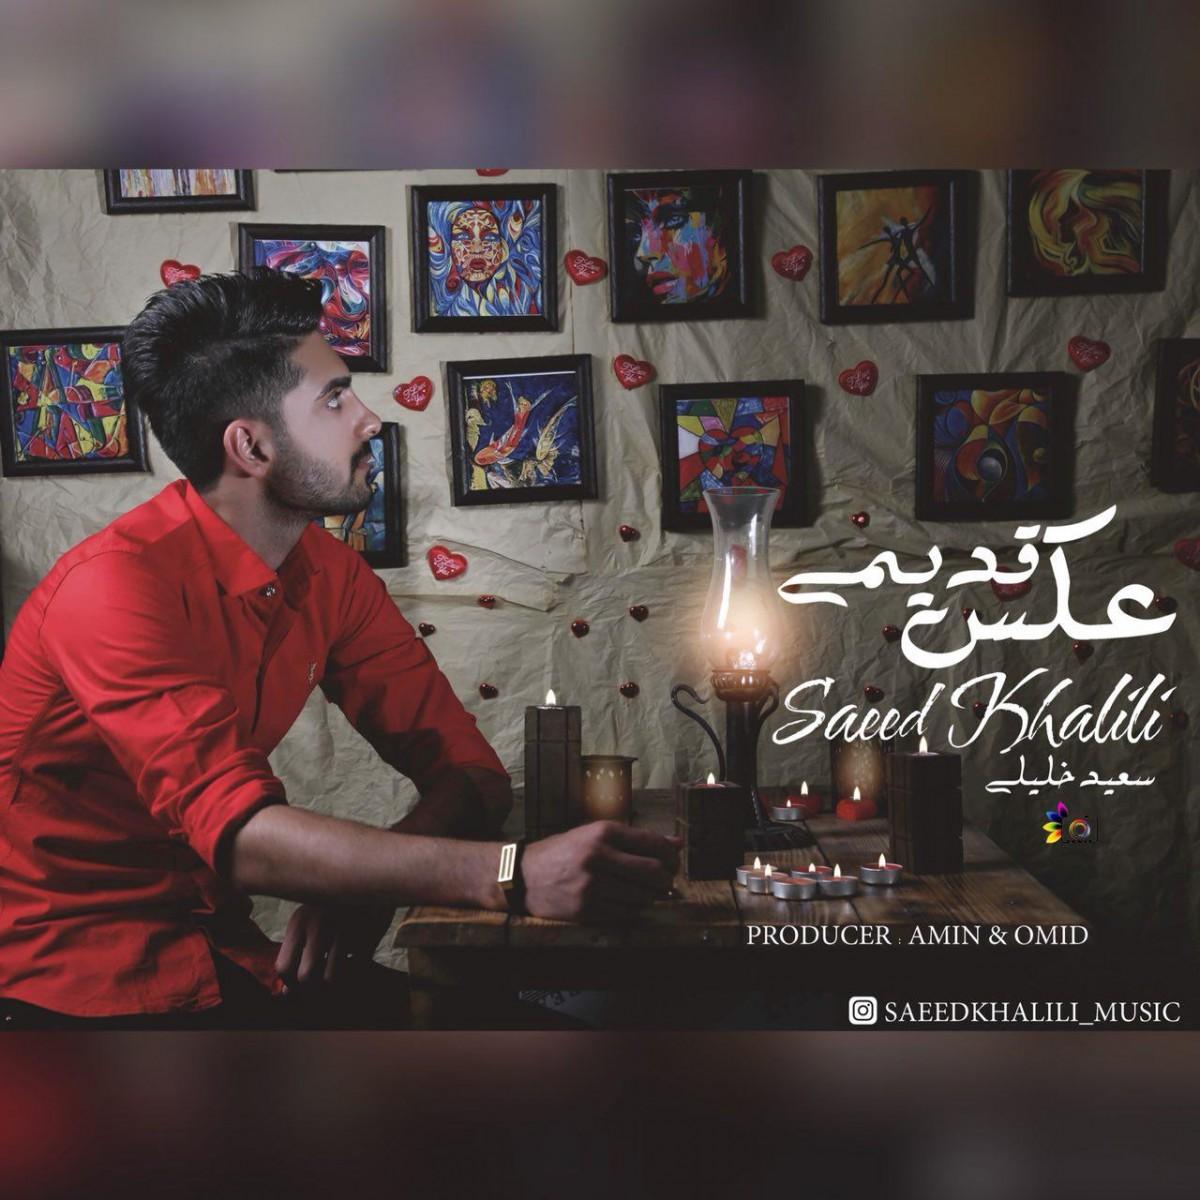 نامبر وان موزیک | دانلود آهنگ جدید Saeed-Khalili-Ax-Ghadimi